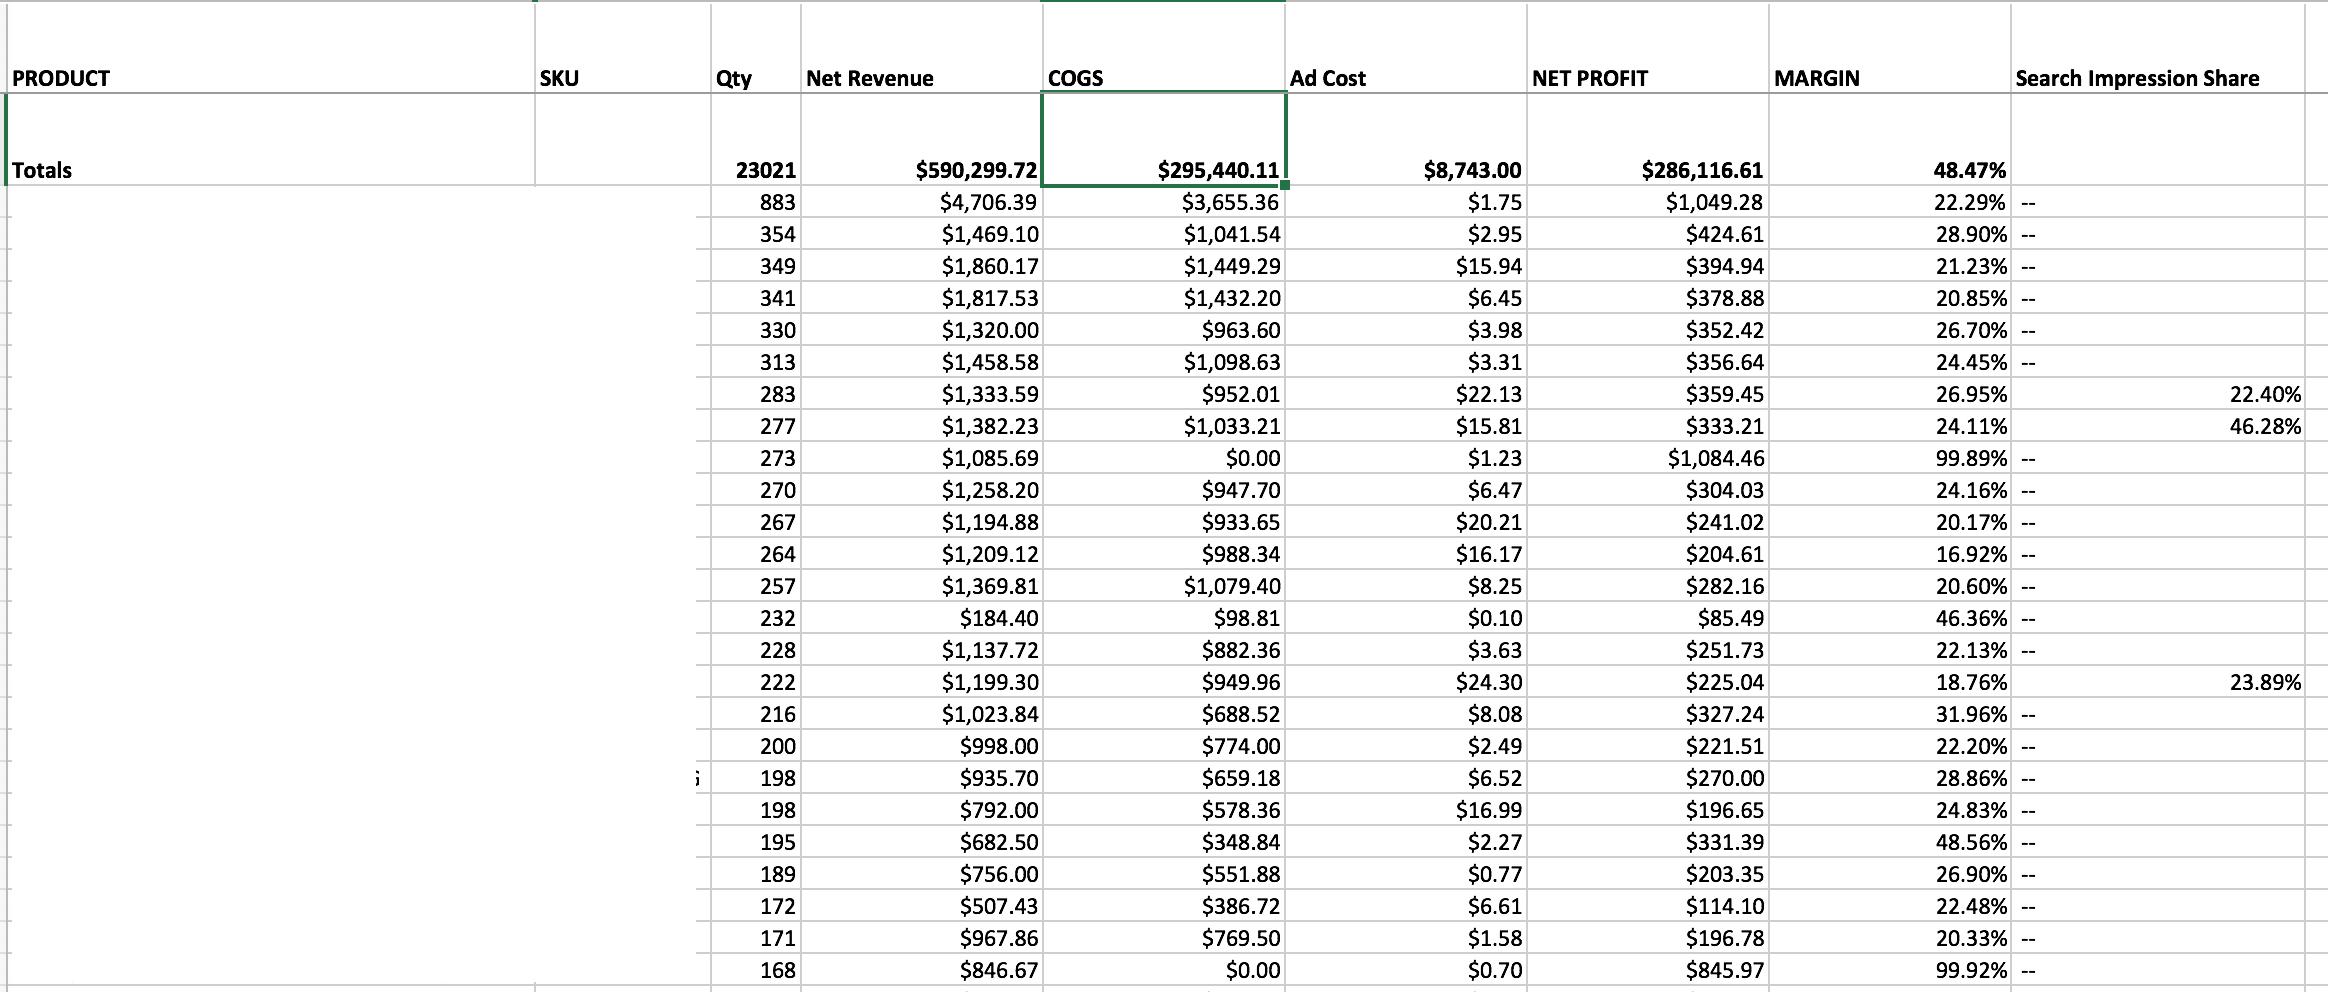 final profit margin report